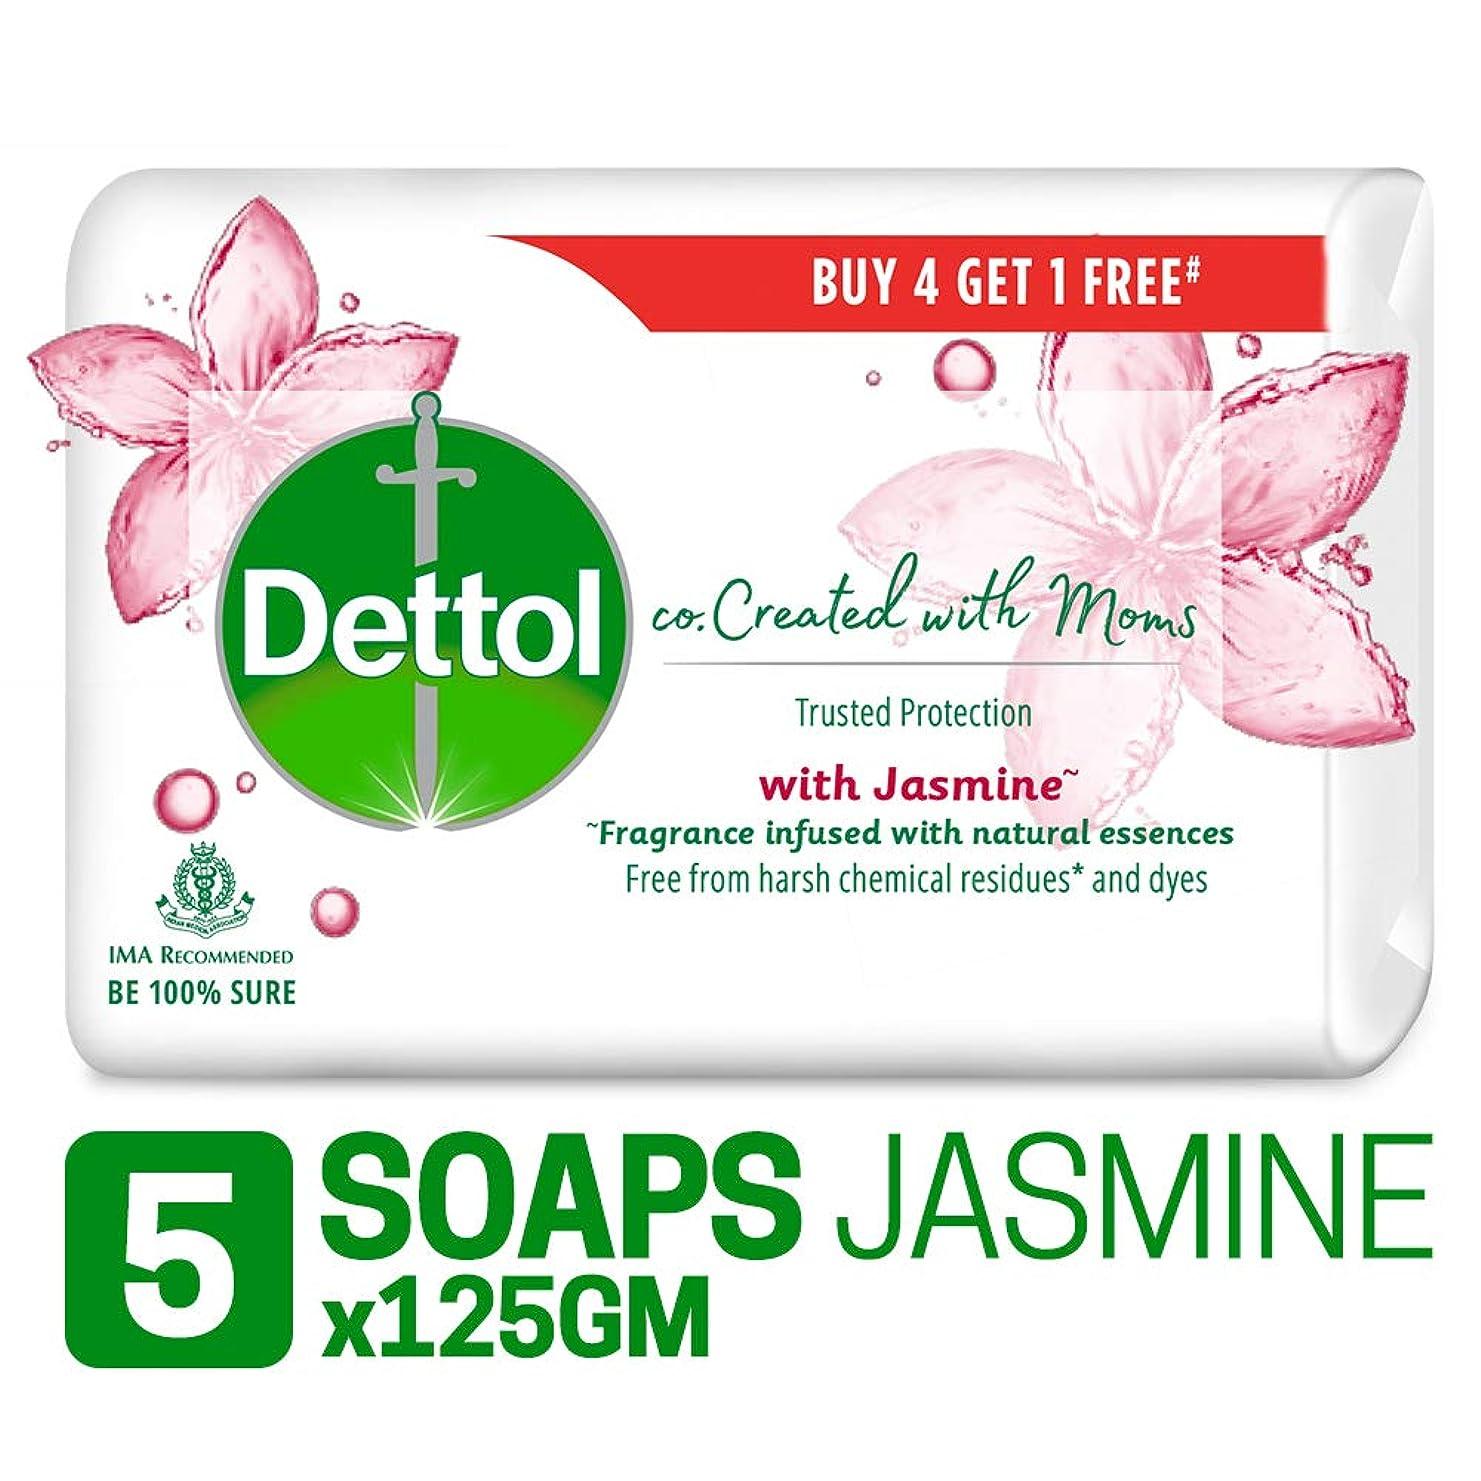 早い最小皮肉Dettol Co-created with moms Jasmine Bathing Soap, 125gm (Buy 4 Get 1 Free)